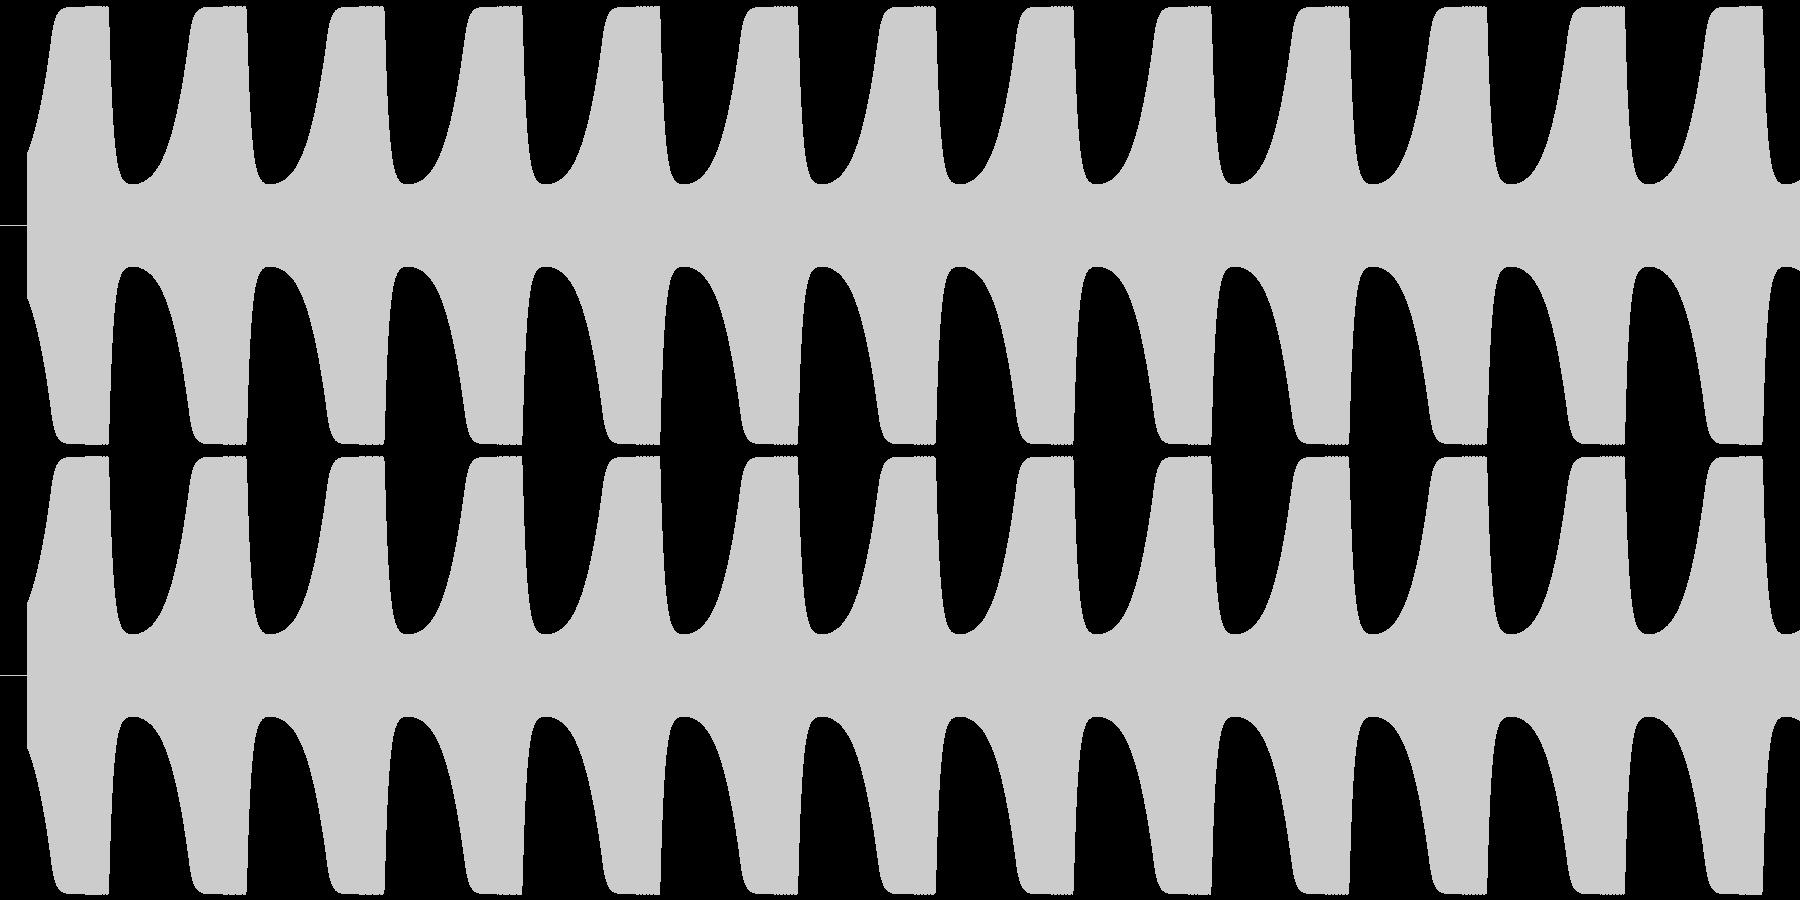 ゲームテキスト効果音A-1(普通)の未再生の波形